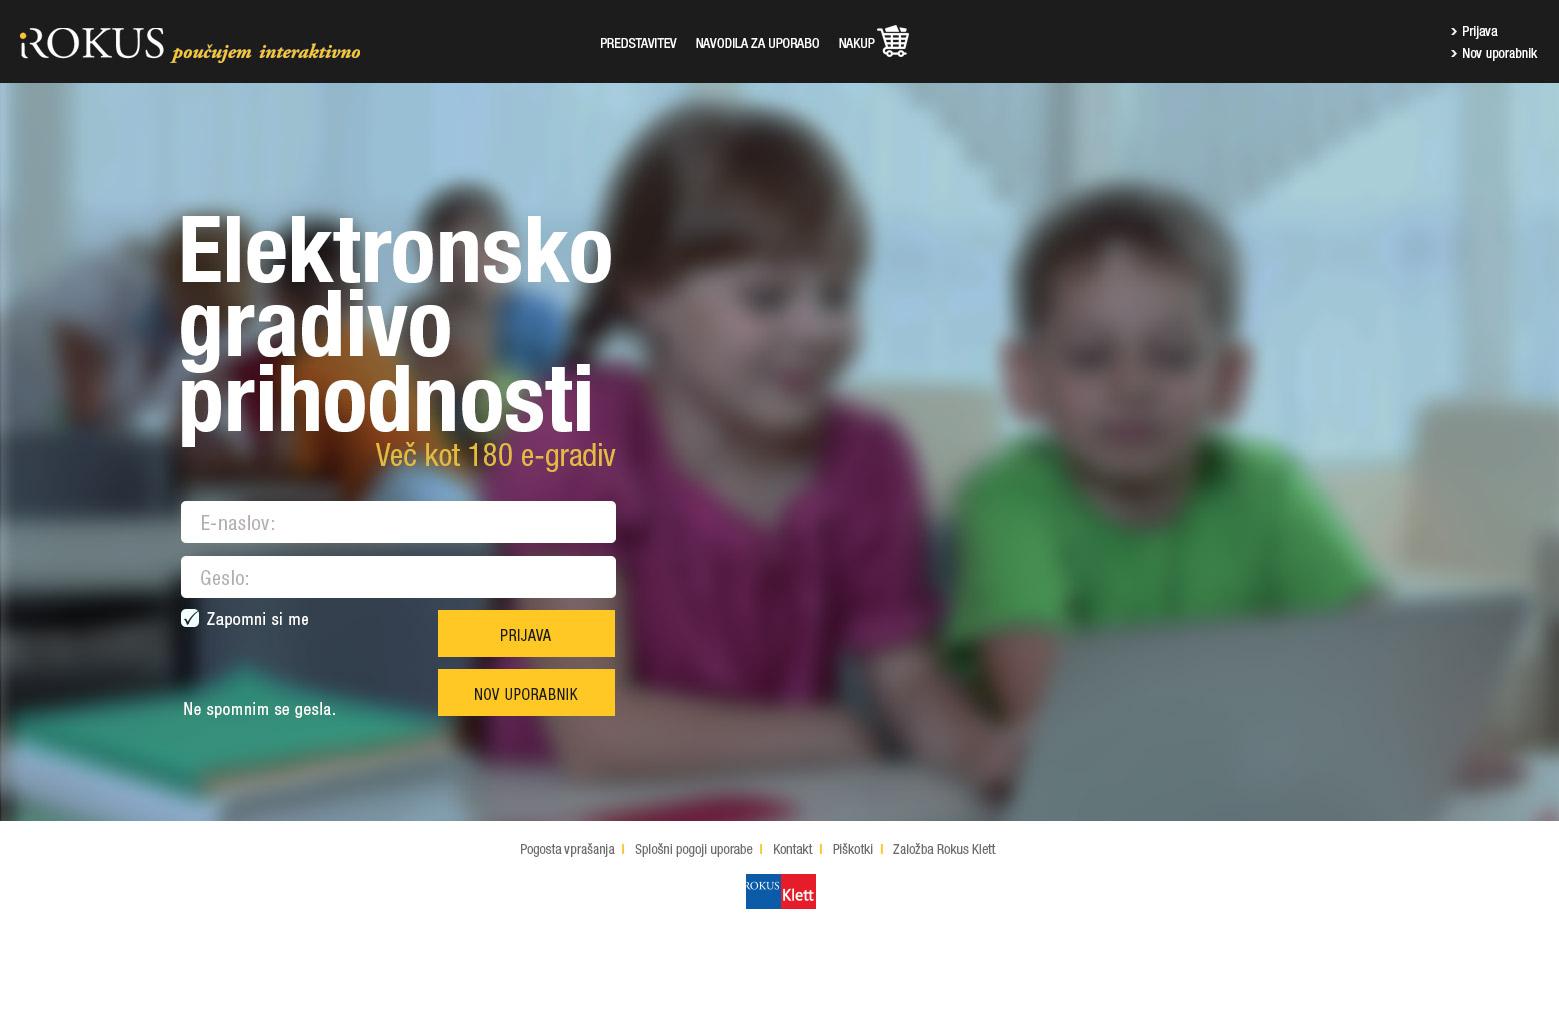 iRokus.si